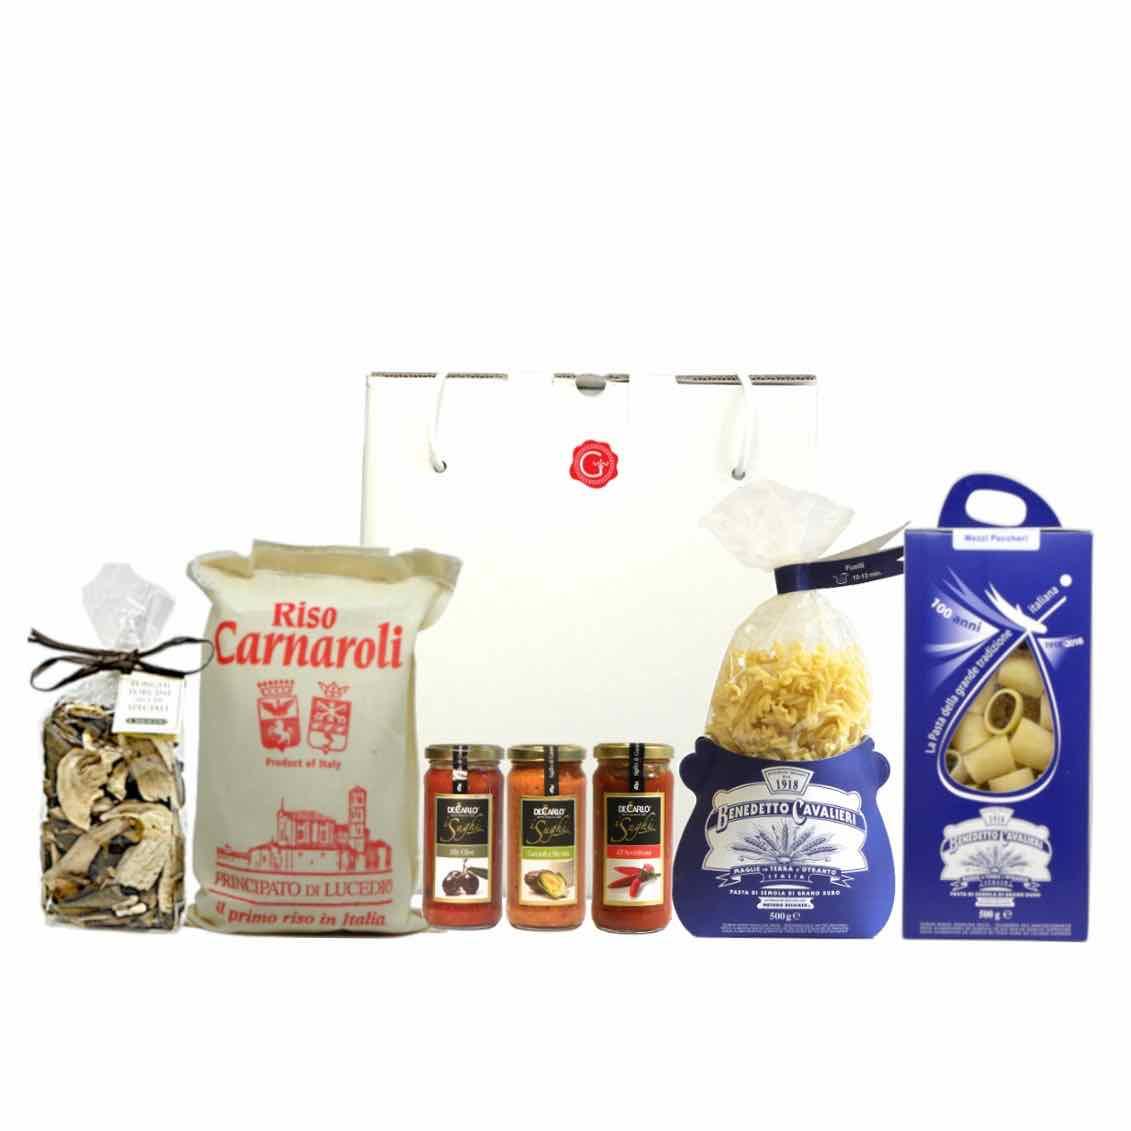 confezione regalo – primi con gusto – Gustorotondo – spesa online –  Gustorotondo online shop – i migliori cibi online – vendita online dei migliori cibi italiani artigianali